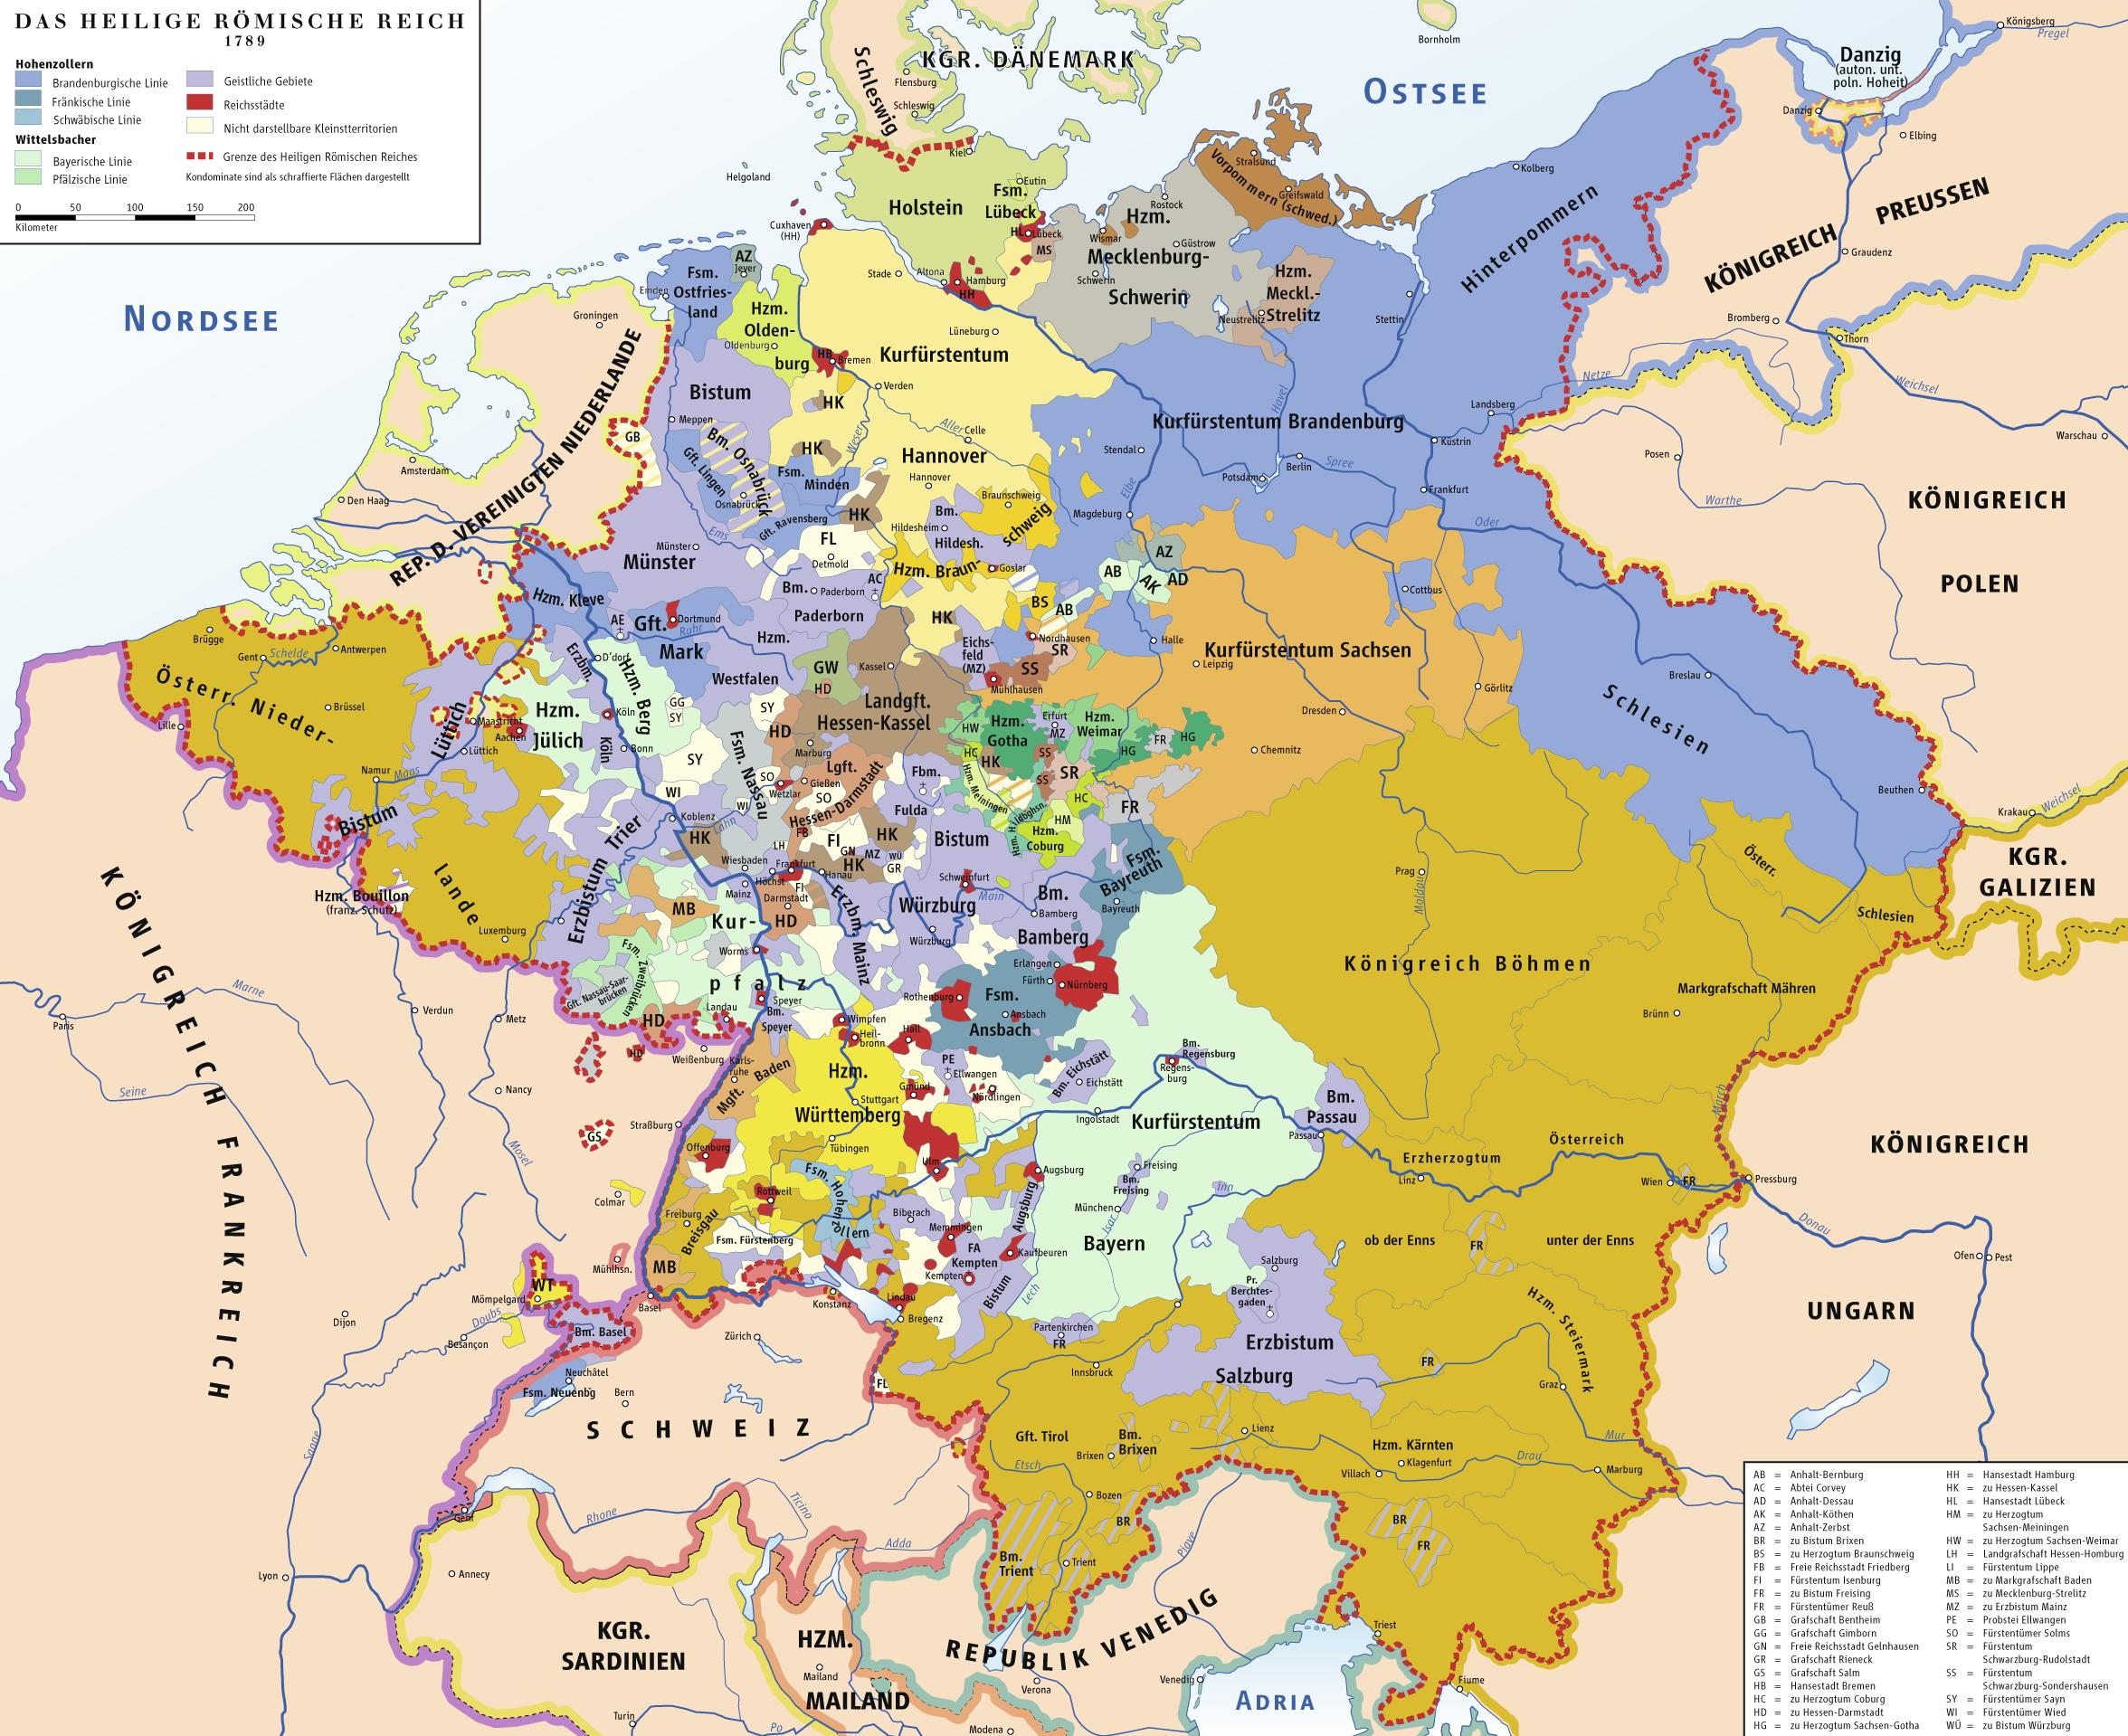 Das Heilige Römische Reich im Jahr 1789